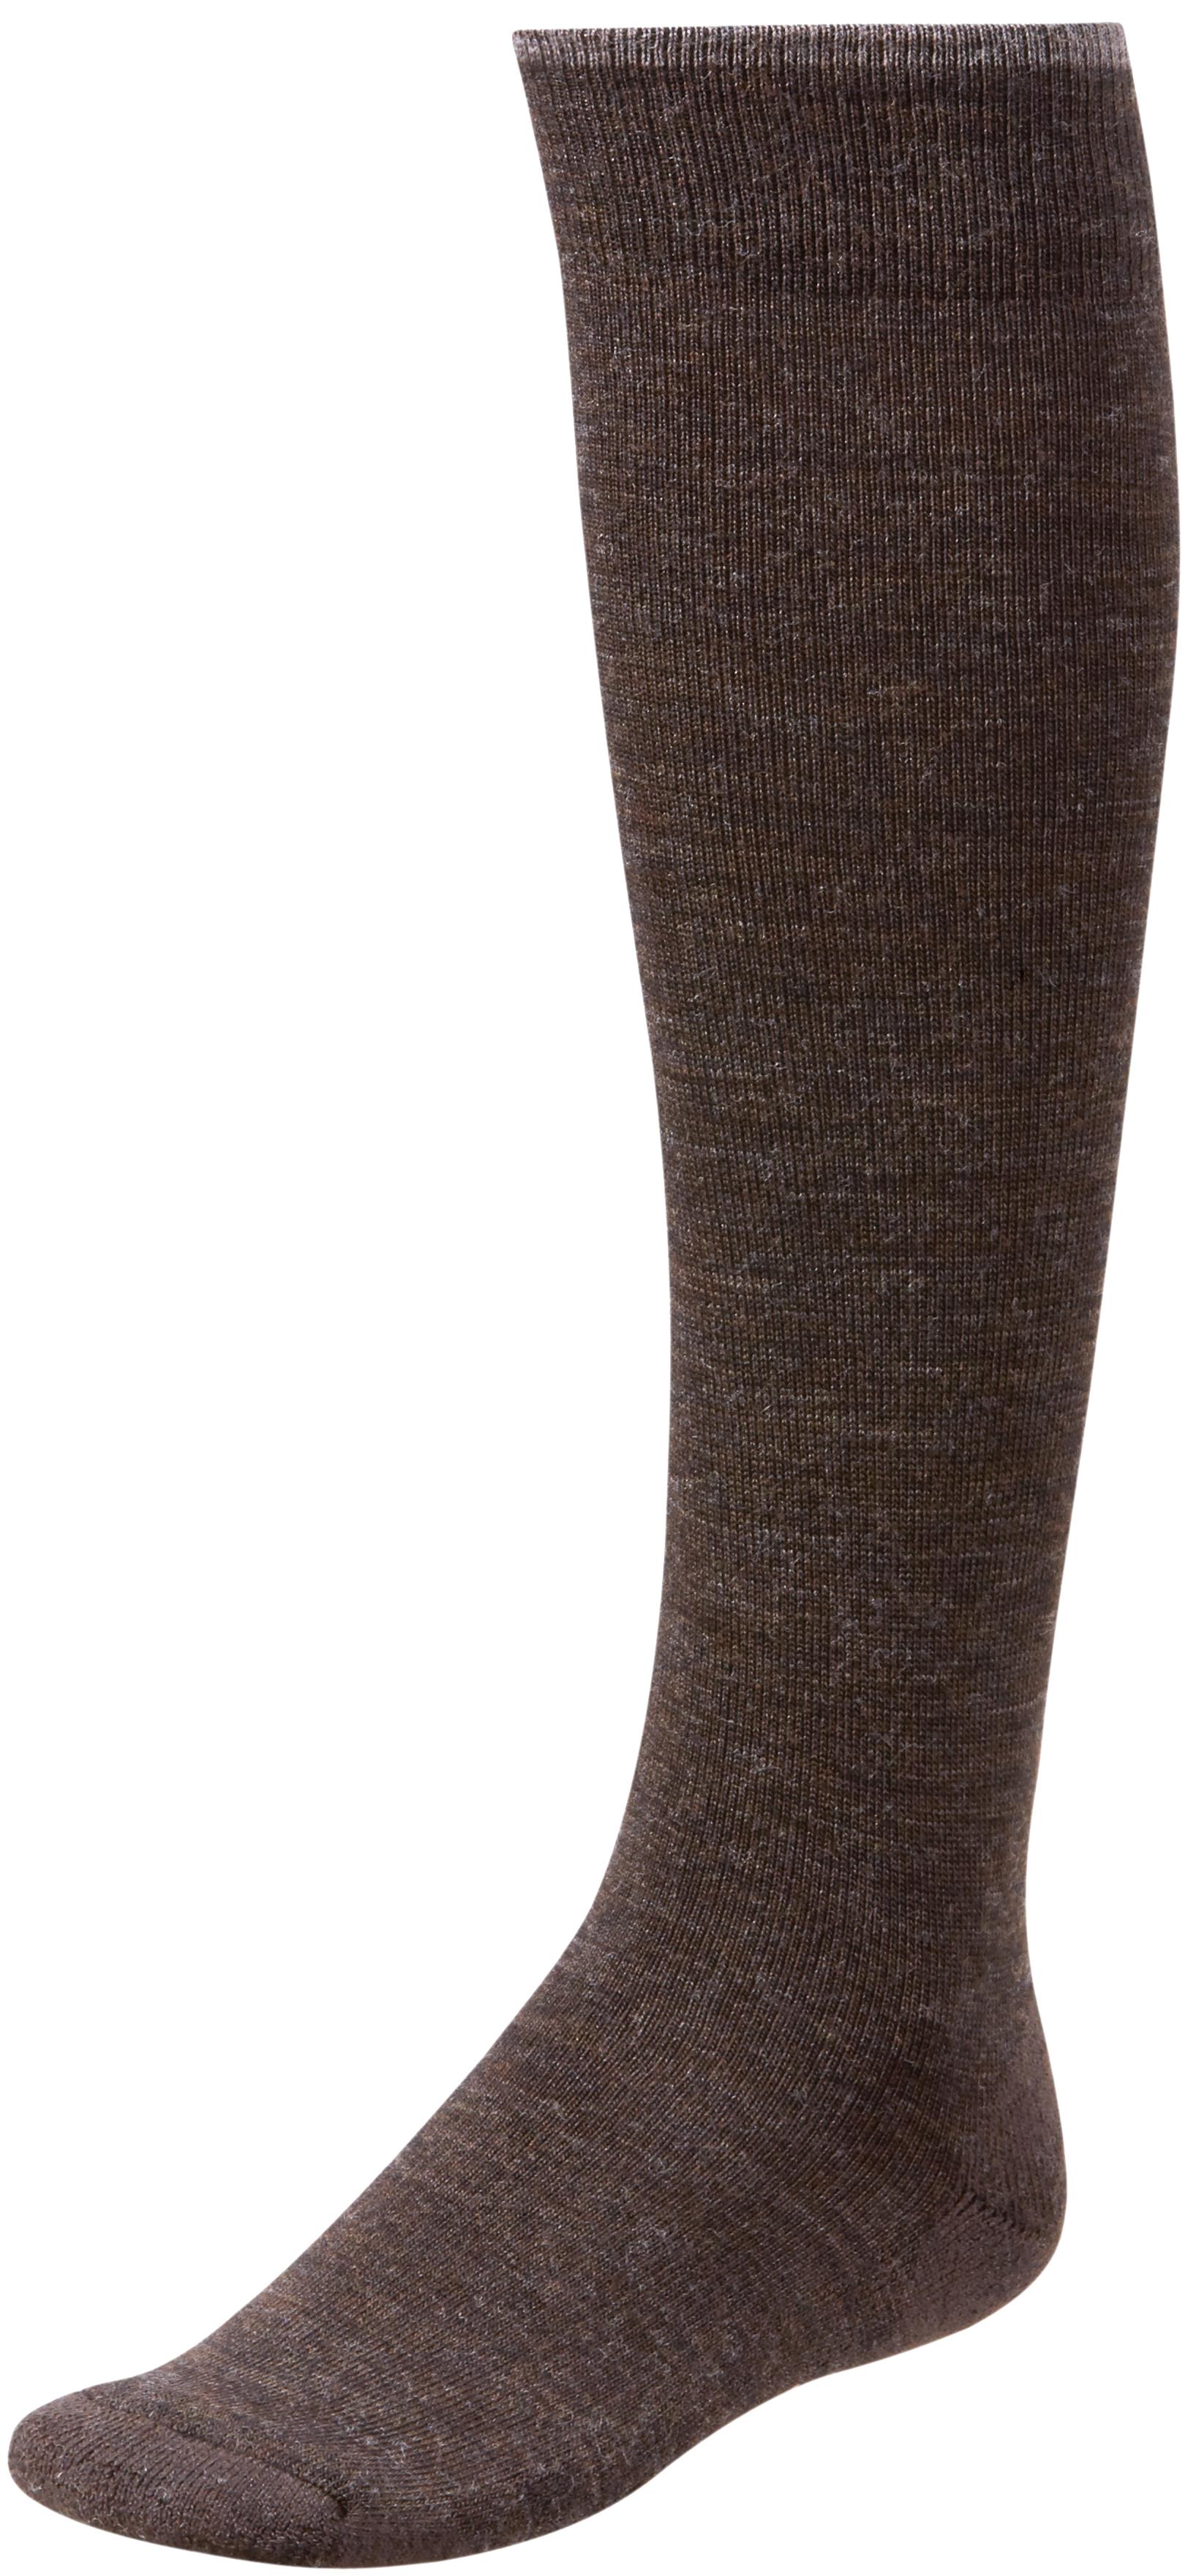 fdc06ba0c Smartwool Basic Knee High Socks - Women s